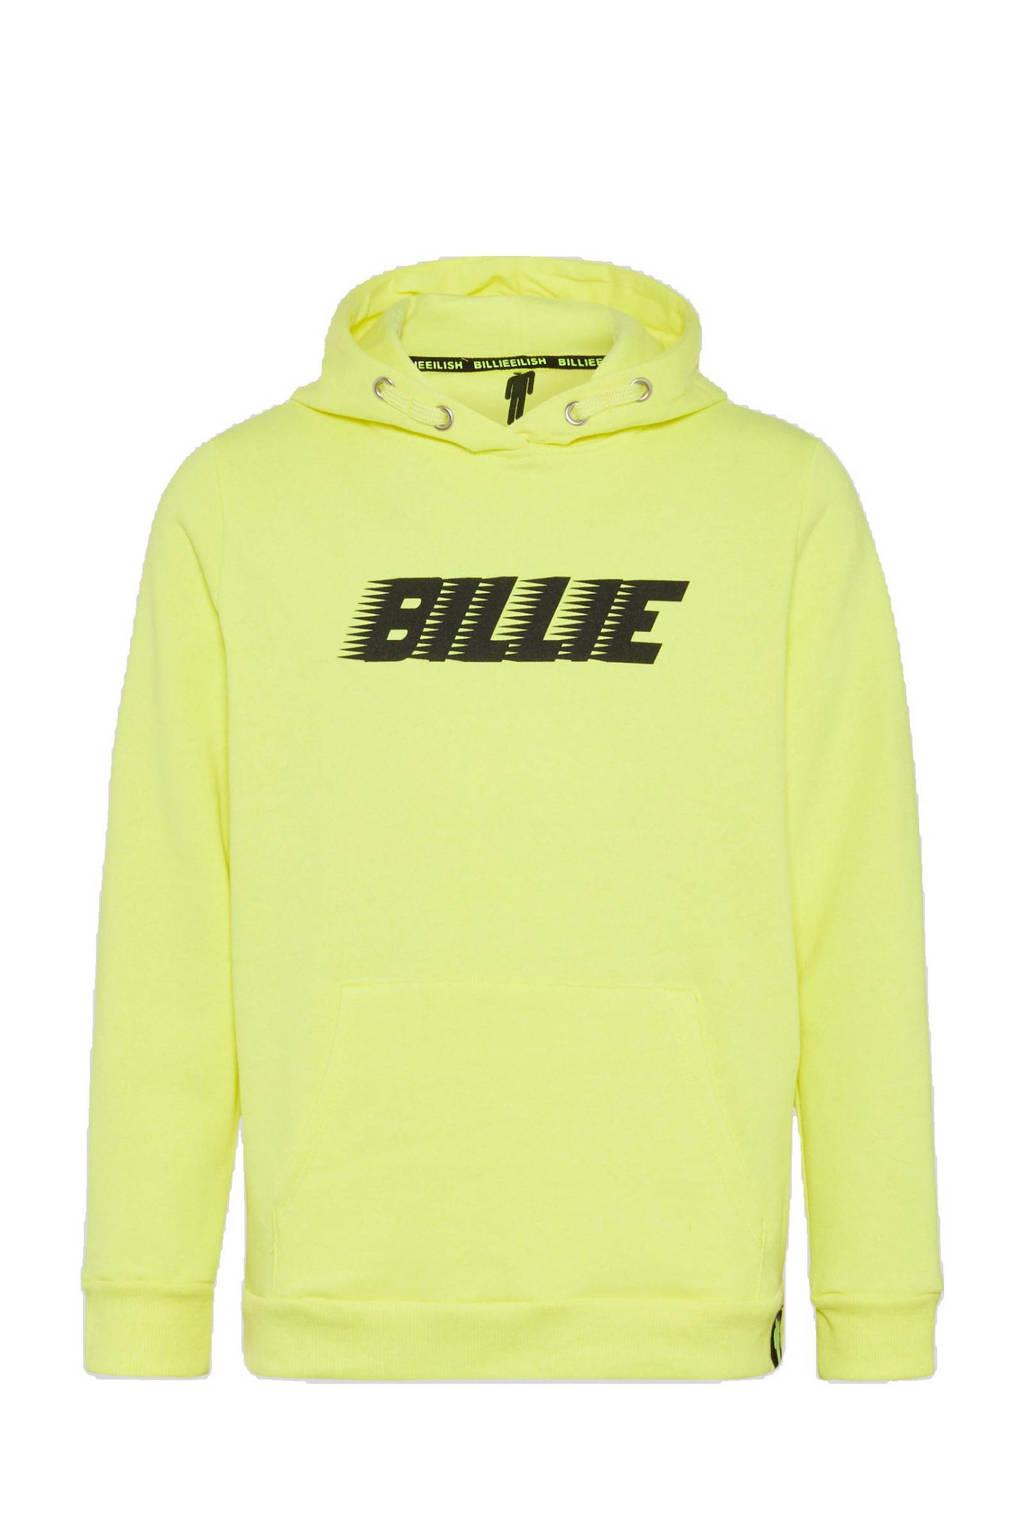 C&A hoodie met tekst neon geel/zwart, Neon geel/zwart